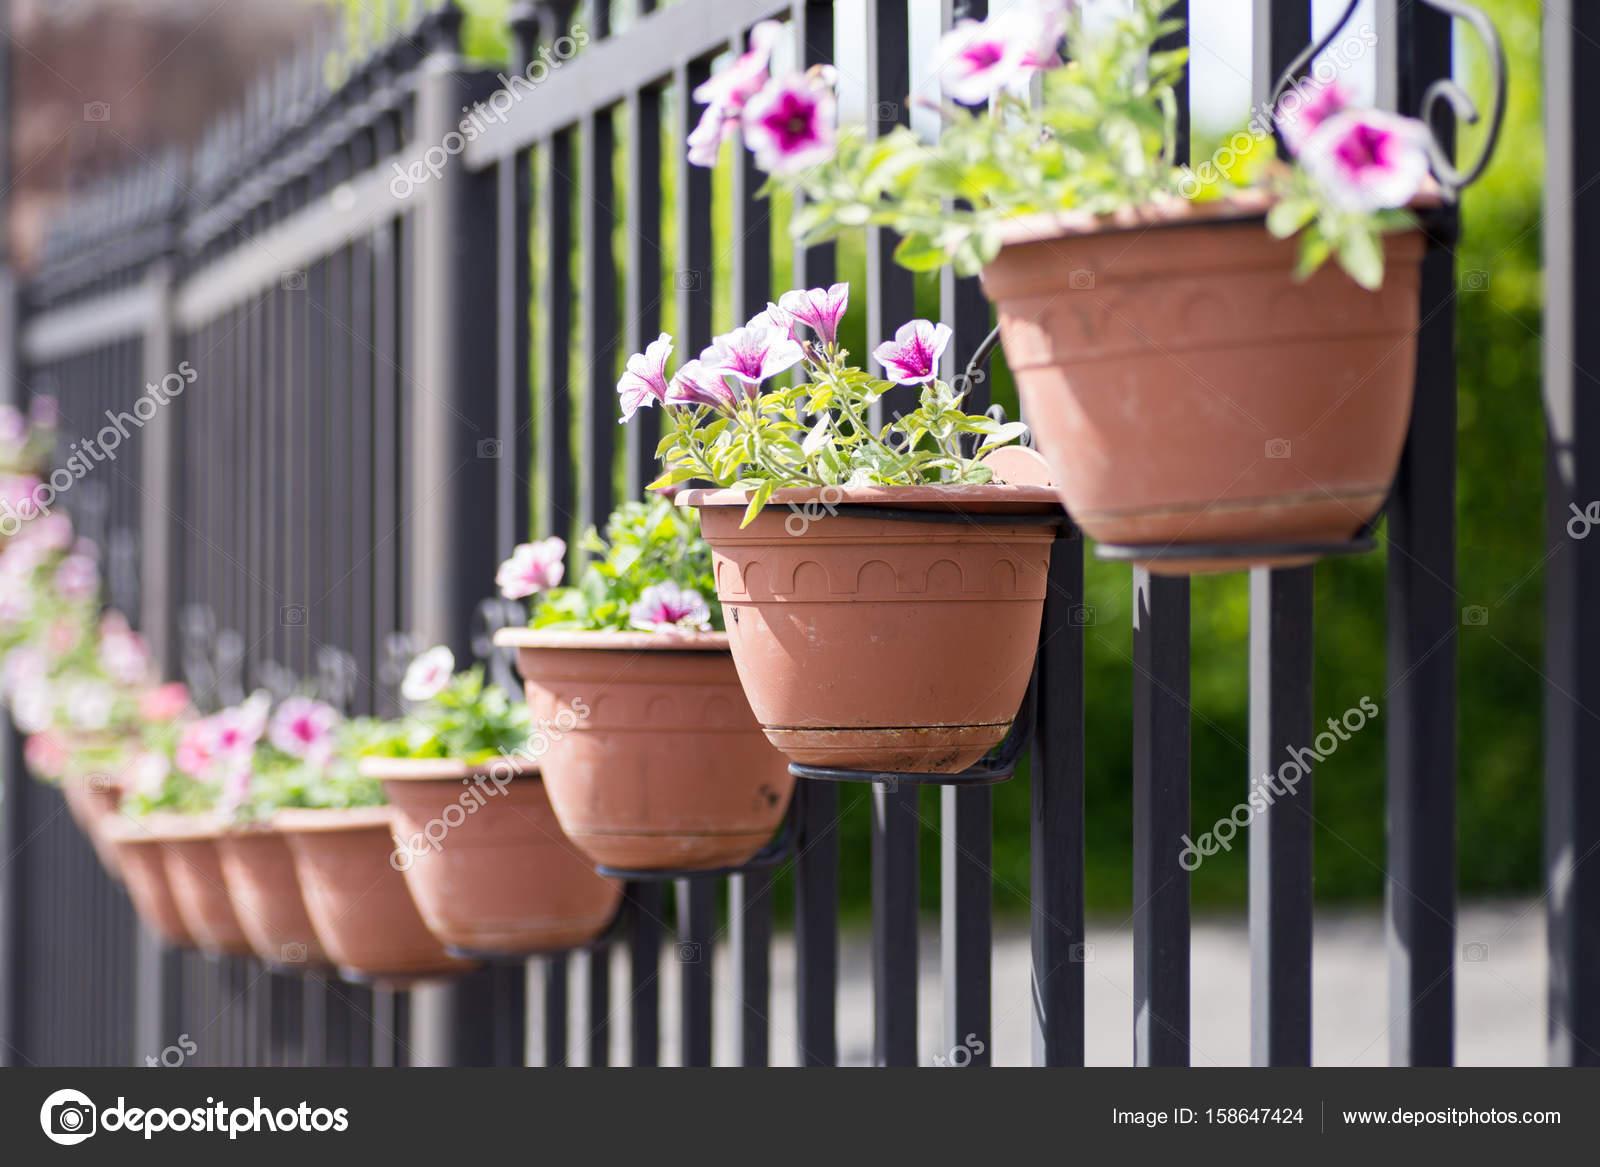 Ceramic Flowerpots On A Metal Fence Outside Zdjęcie